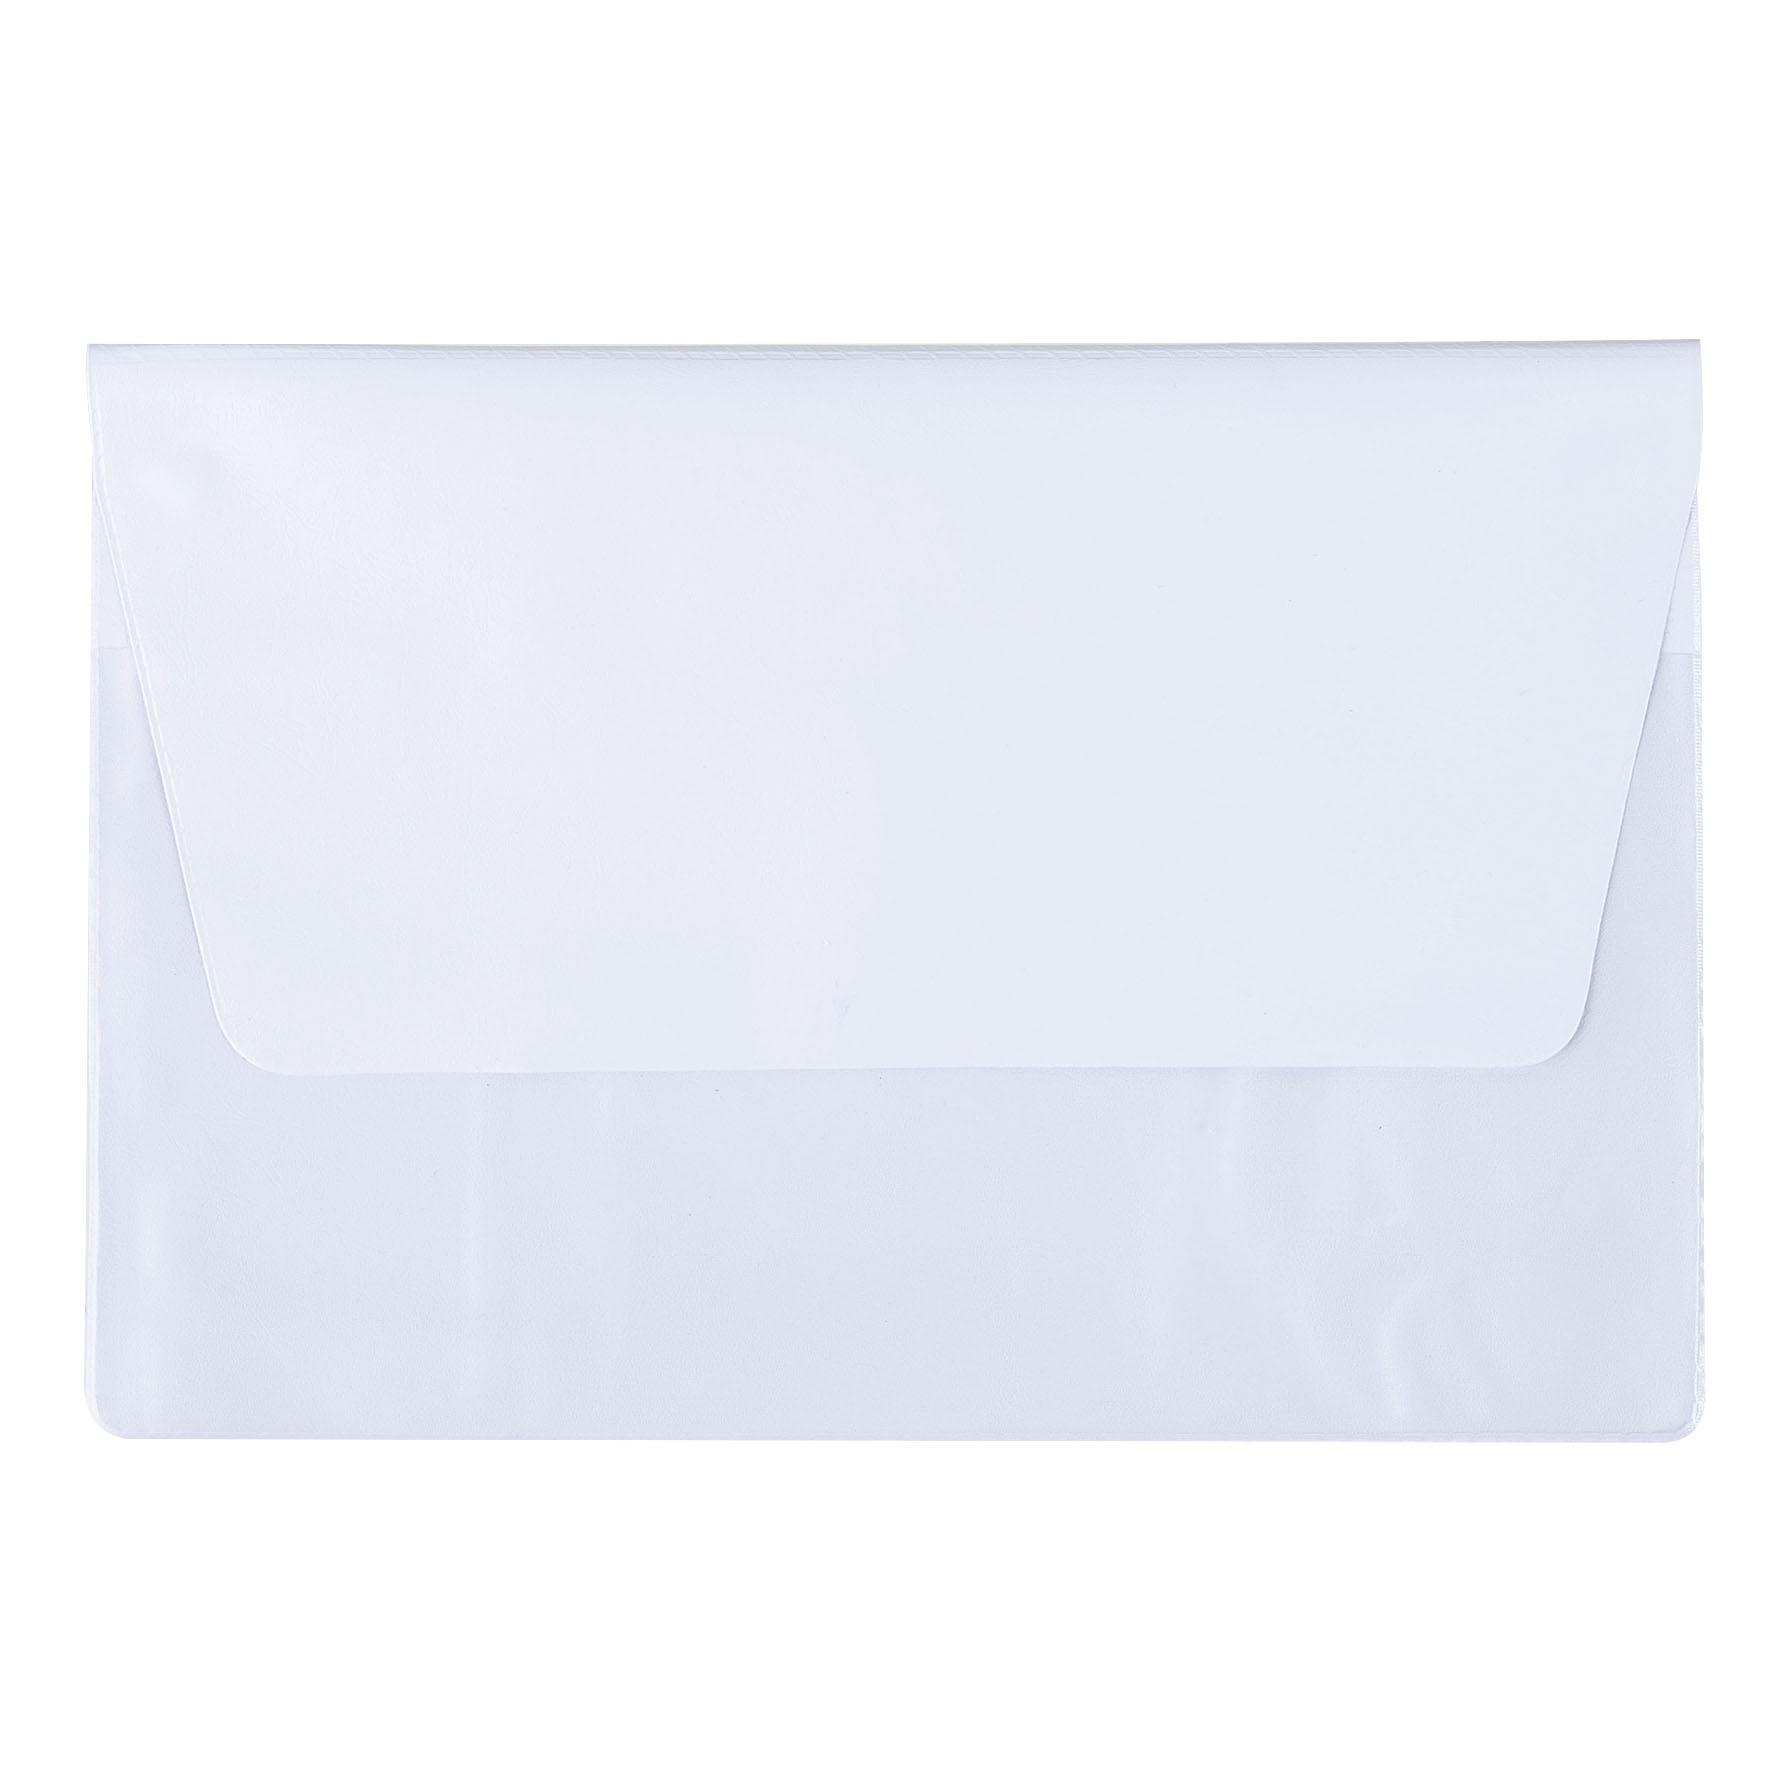 Cadeau d'entreprise - Pochette de voyage publicitaire 2 poches A5 - blanc